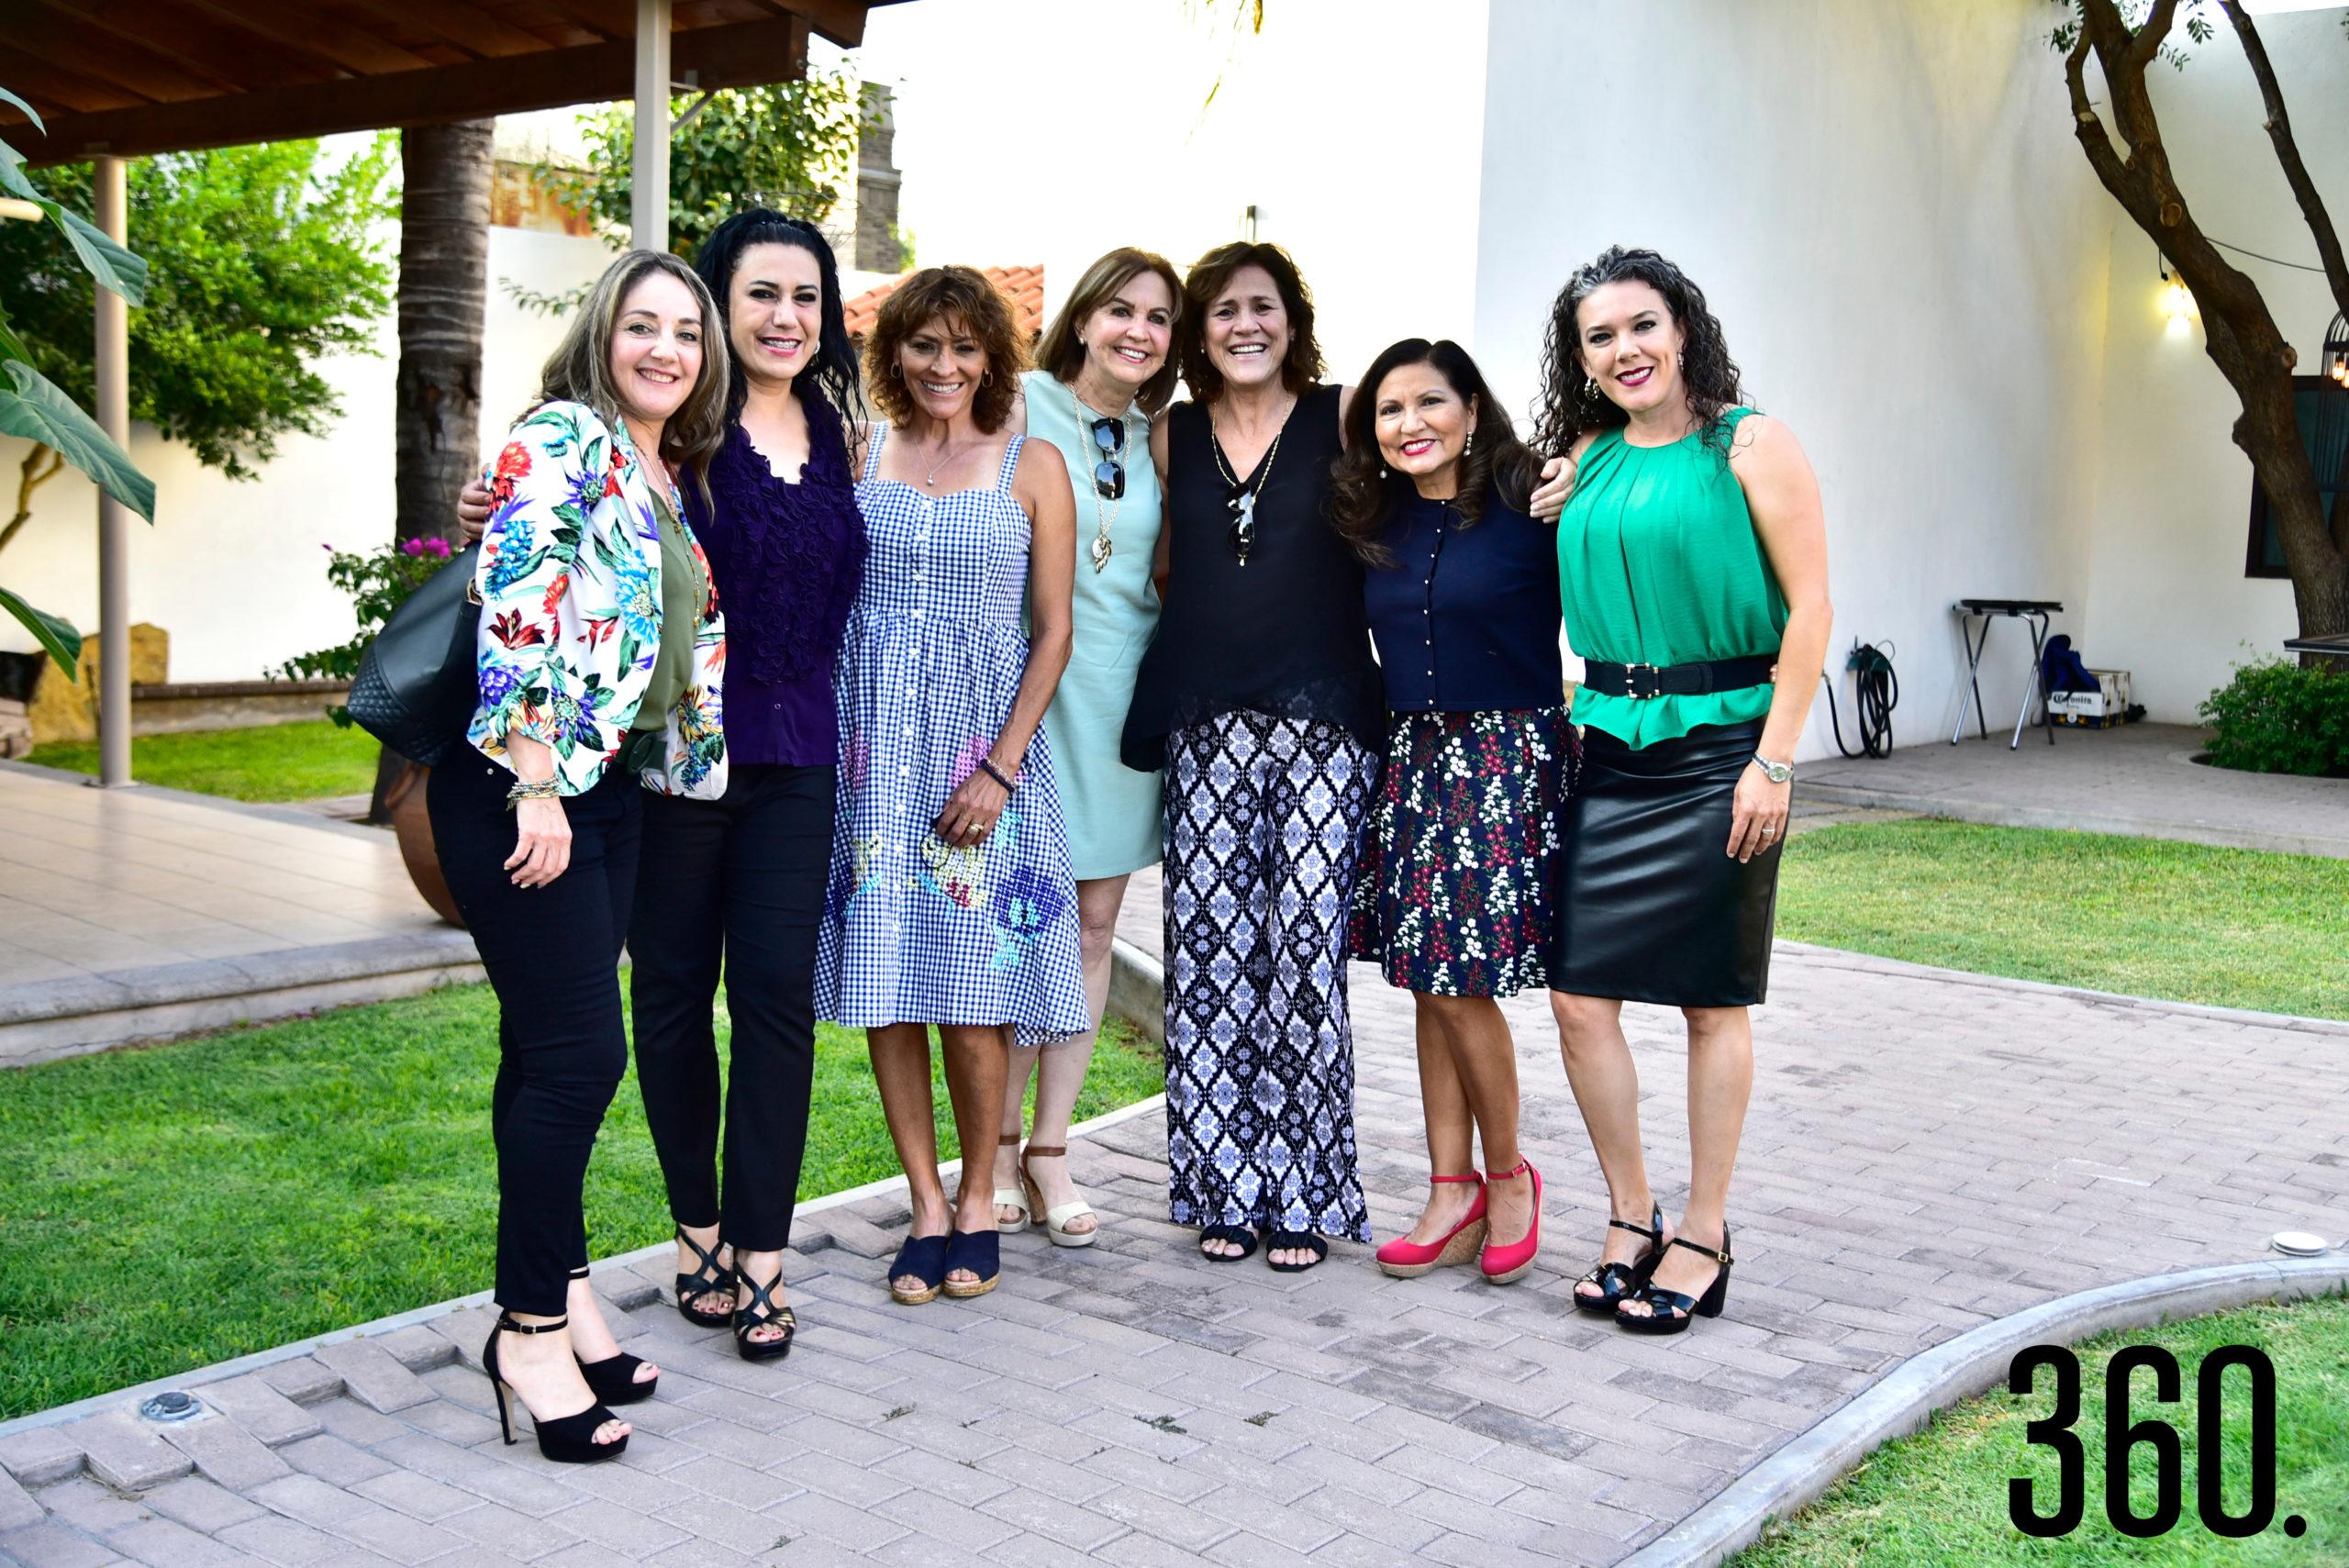 Ángeles Mendoza, Carolina Martínez, Olivia Flores de Prado, Diana Hinojosa, Patricia Rodríguez, Leticia Ruiz y Sara Martínez de Coss.